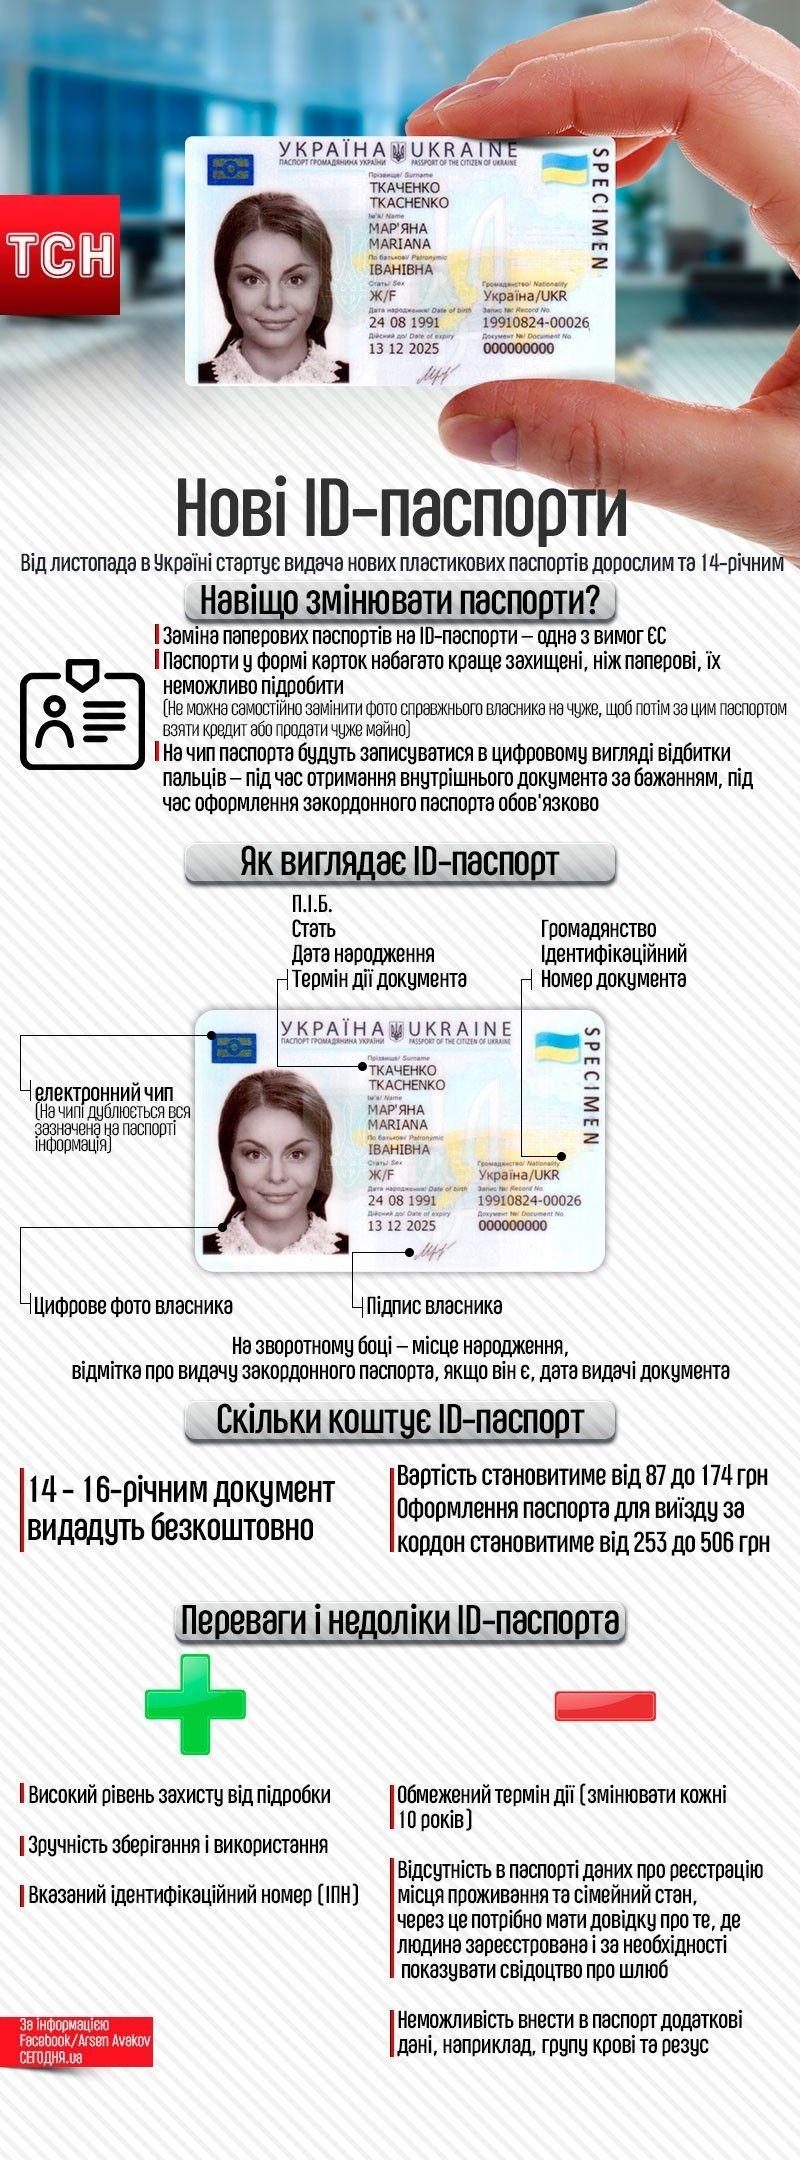 ID-паспорти, інфографіка